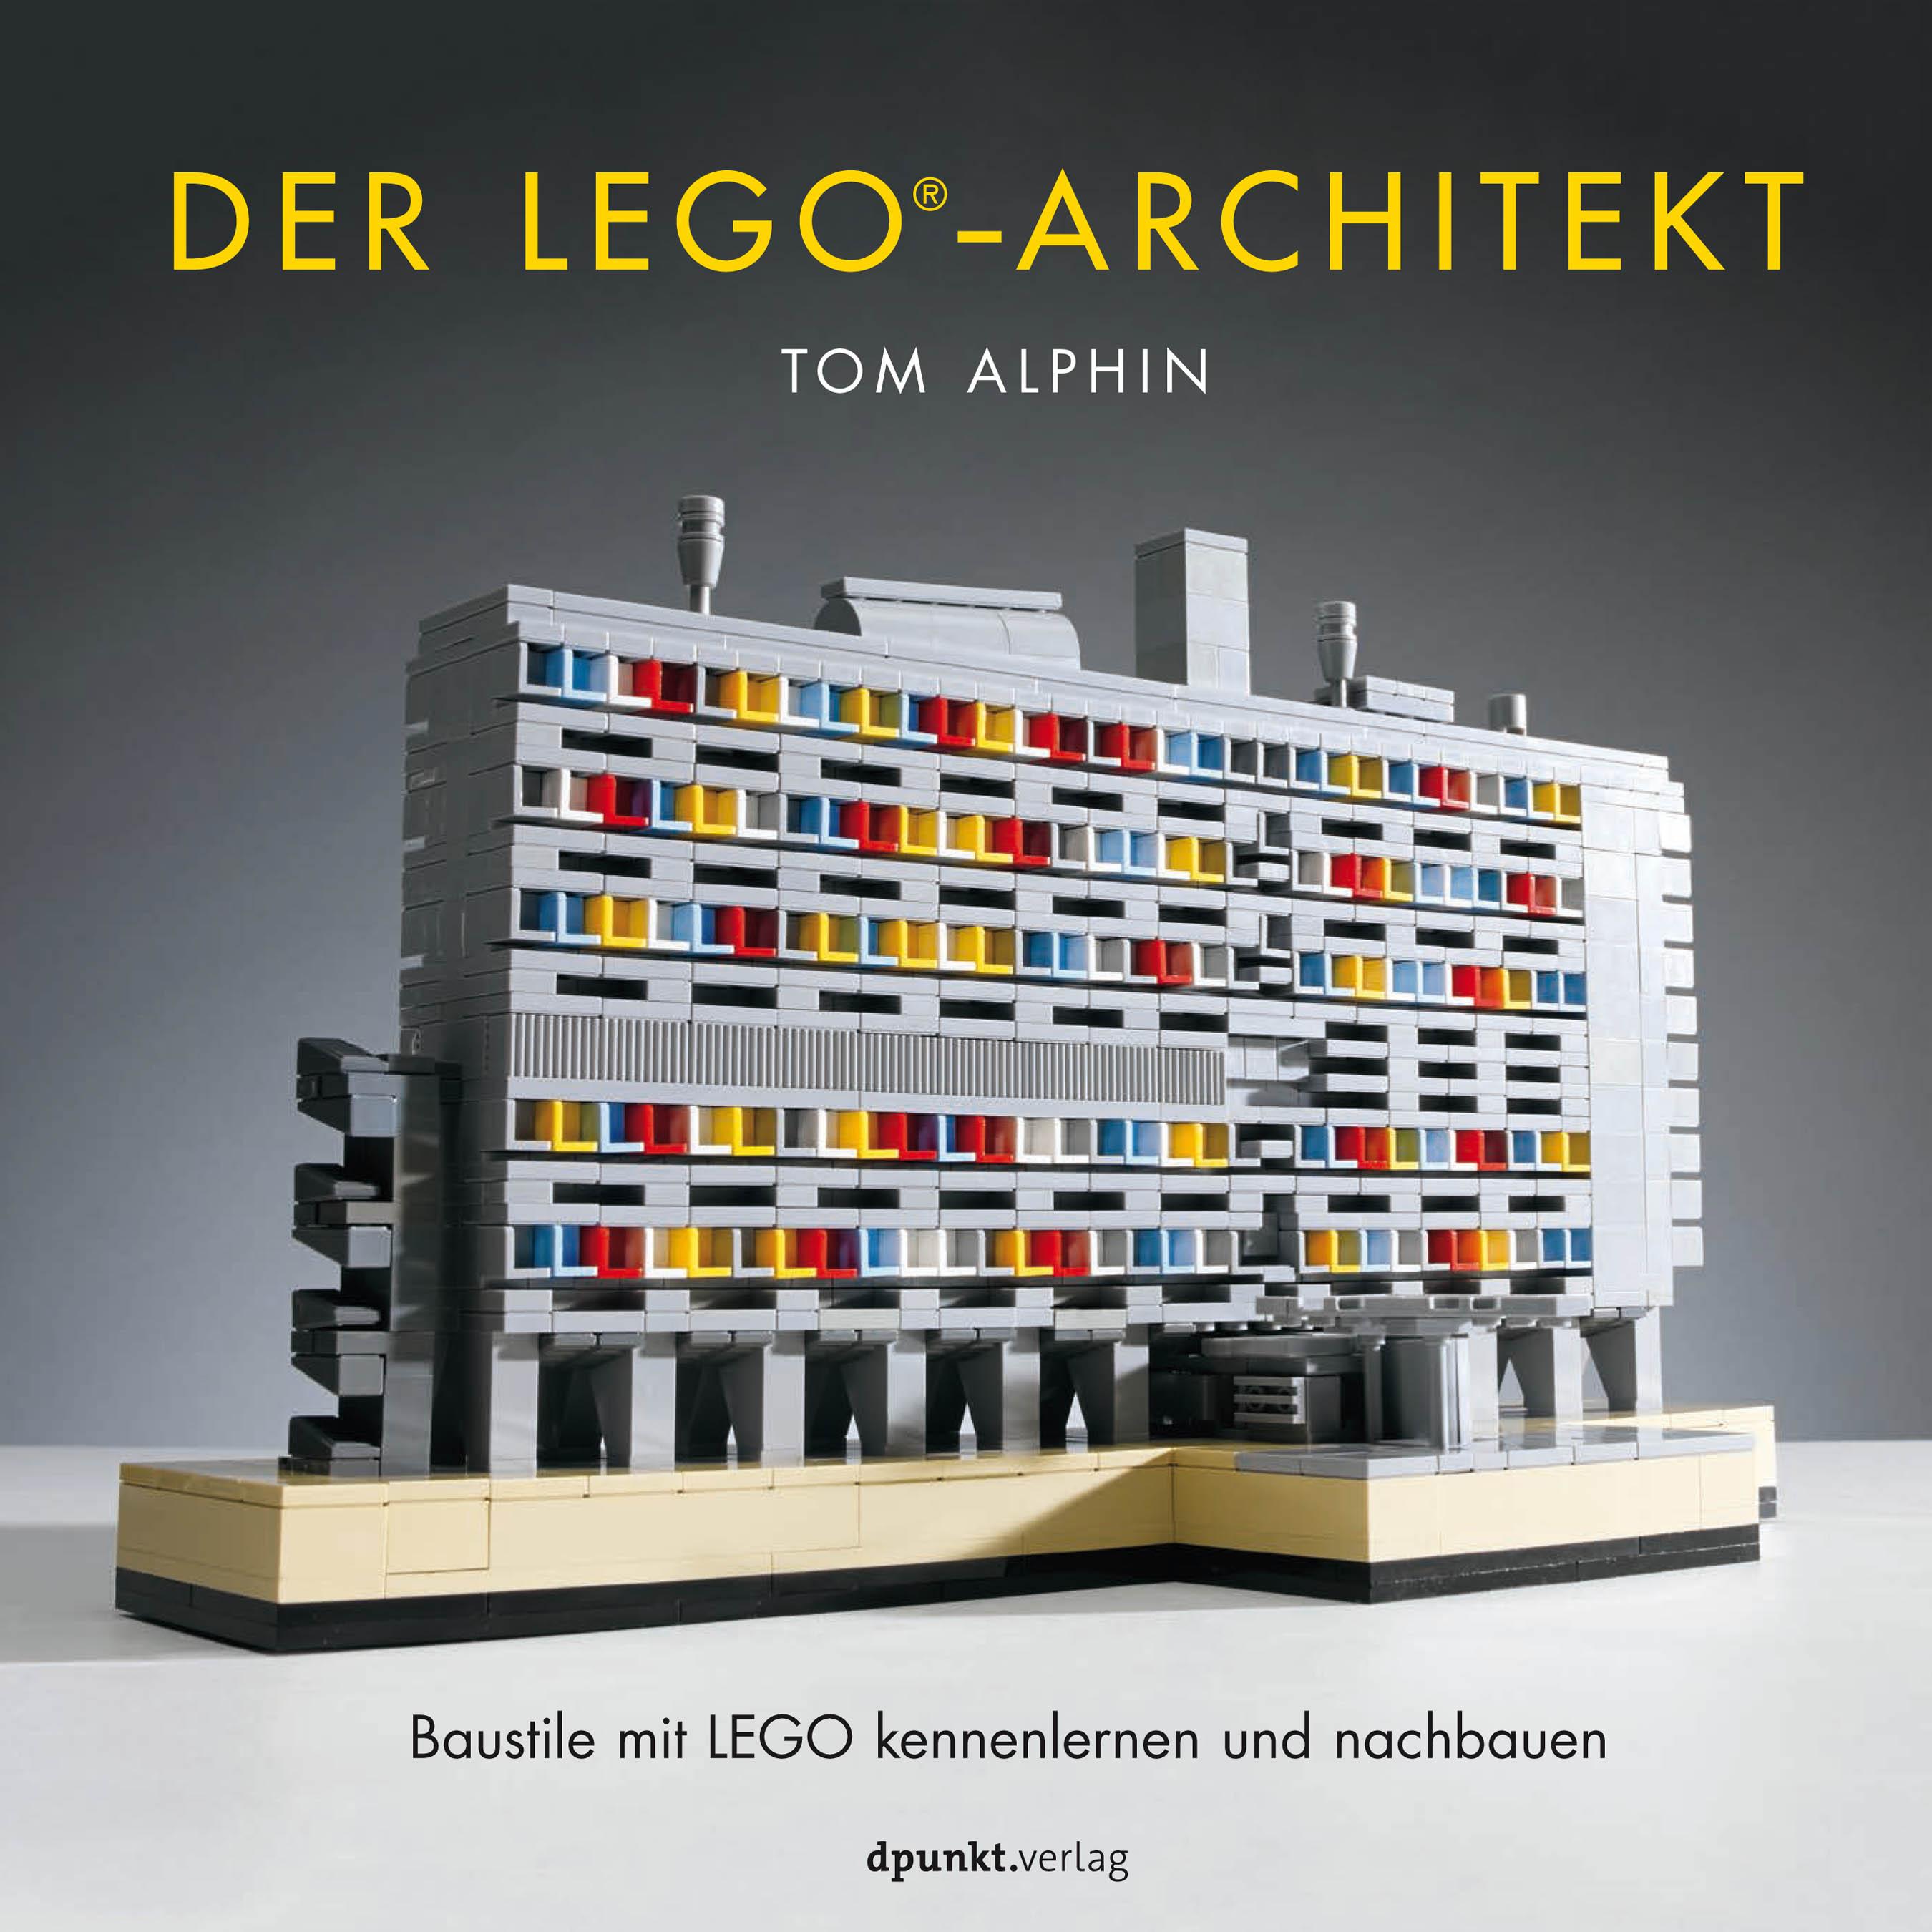 der lego architekt von alphin tom gronau volkmar baustile mit le. Black Bedroom Furniture Sets. Home Design Ideas